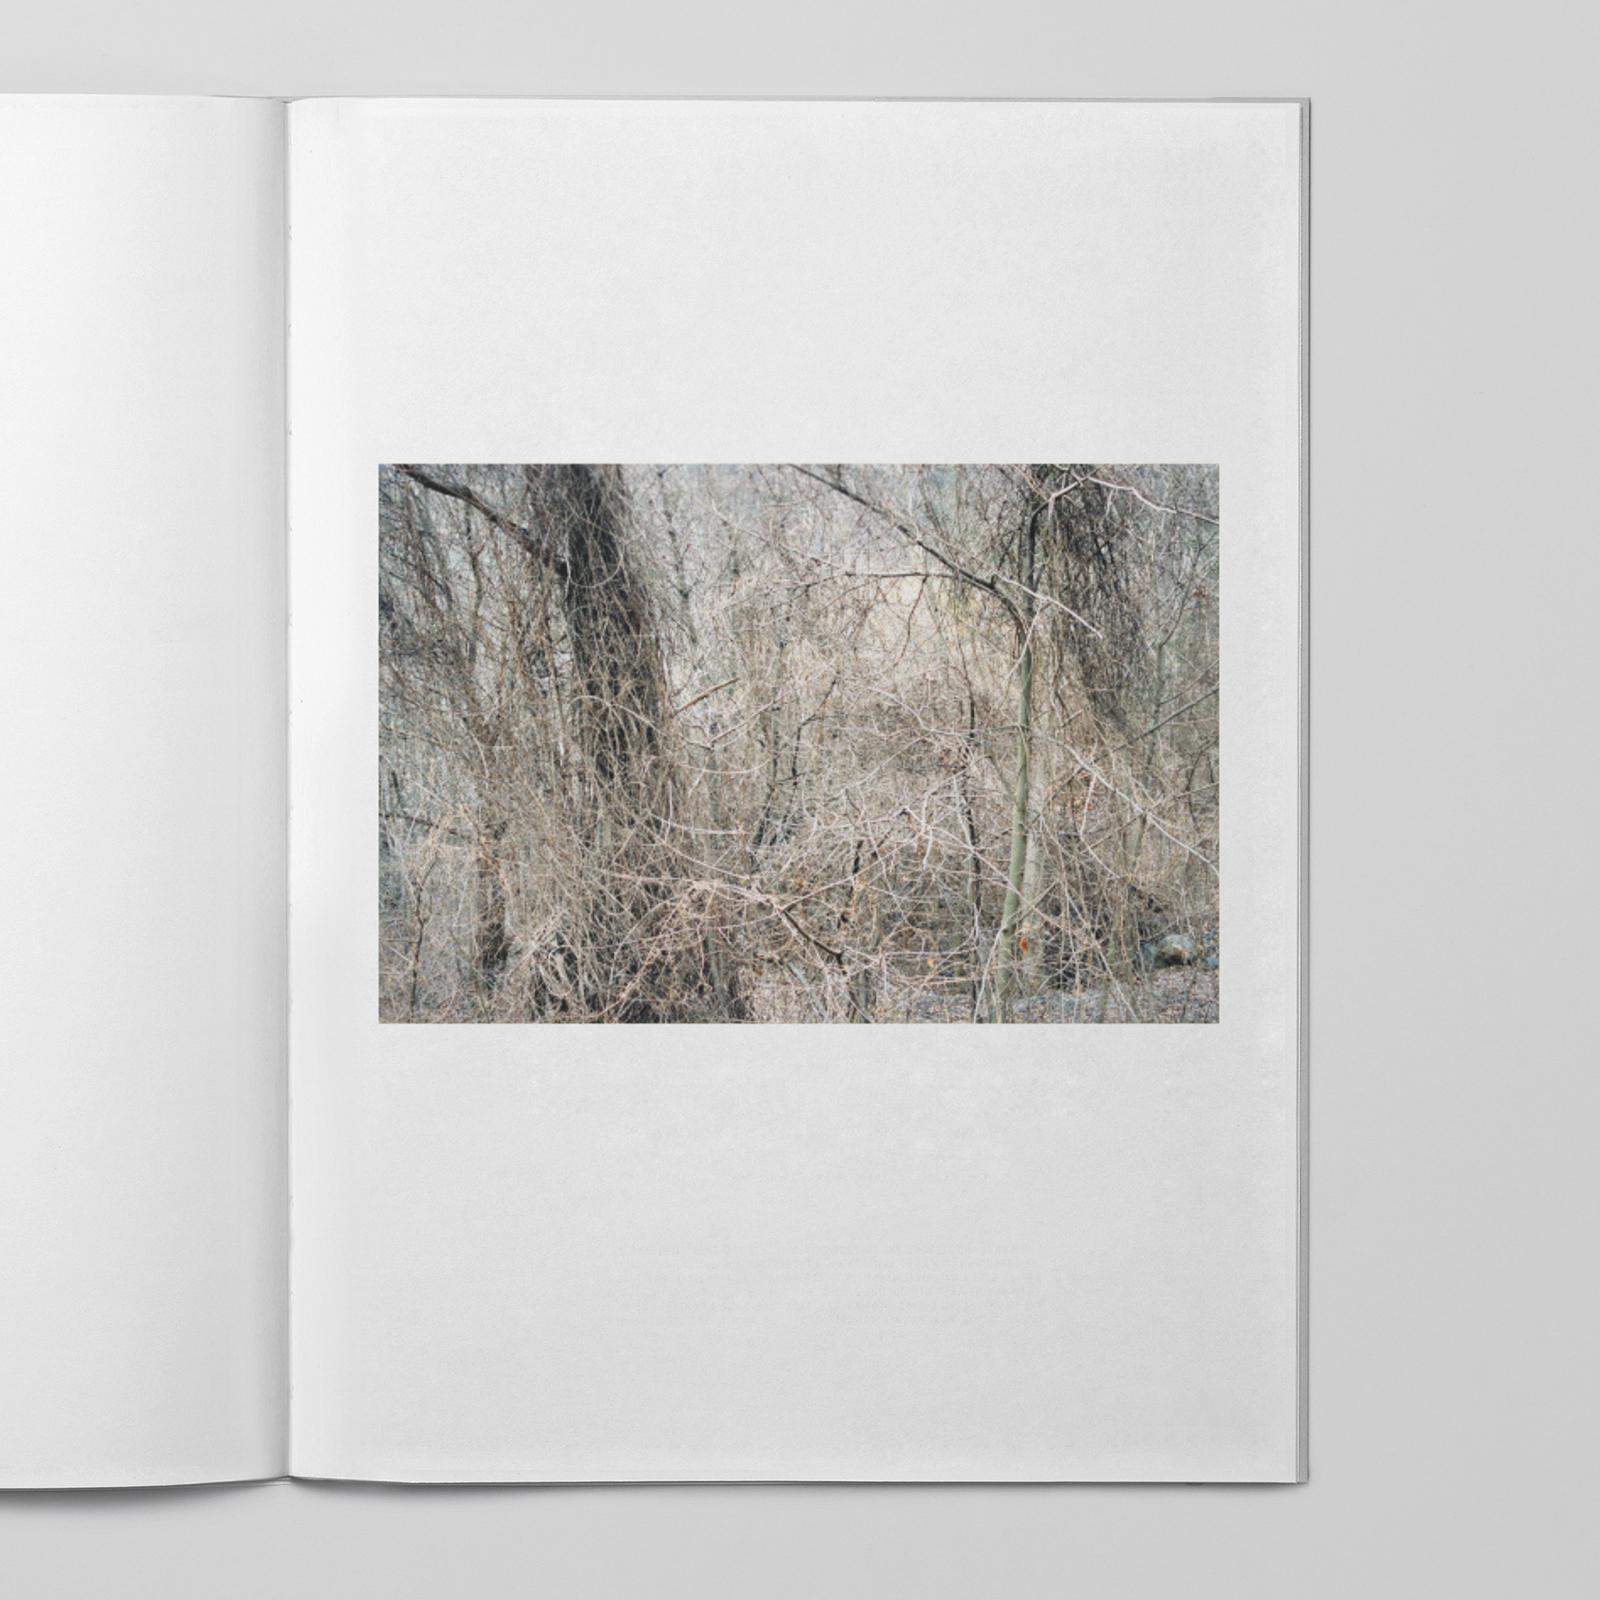 Johan Sandberg — D-Aosta_0014_Lager 4